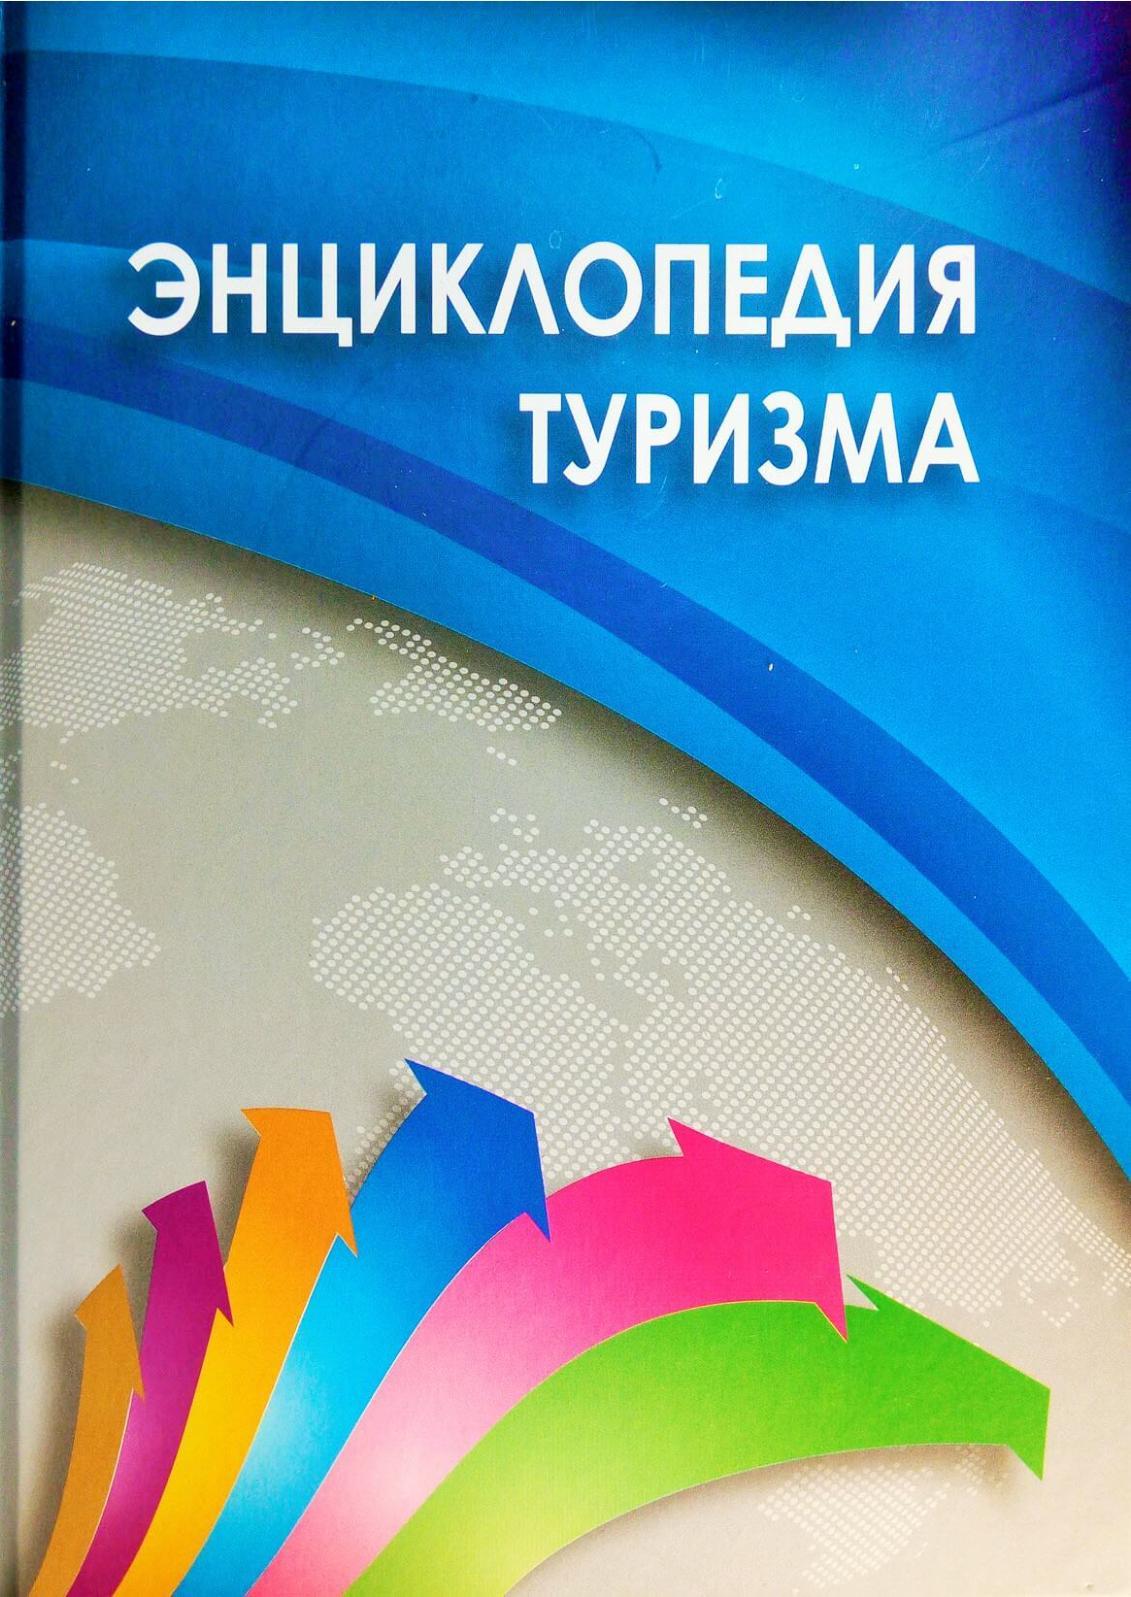 Назначен новый министр здравоохранения подмосковья